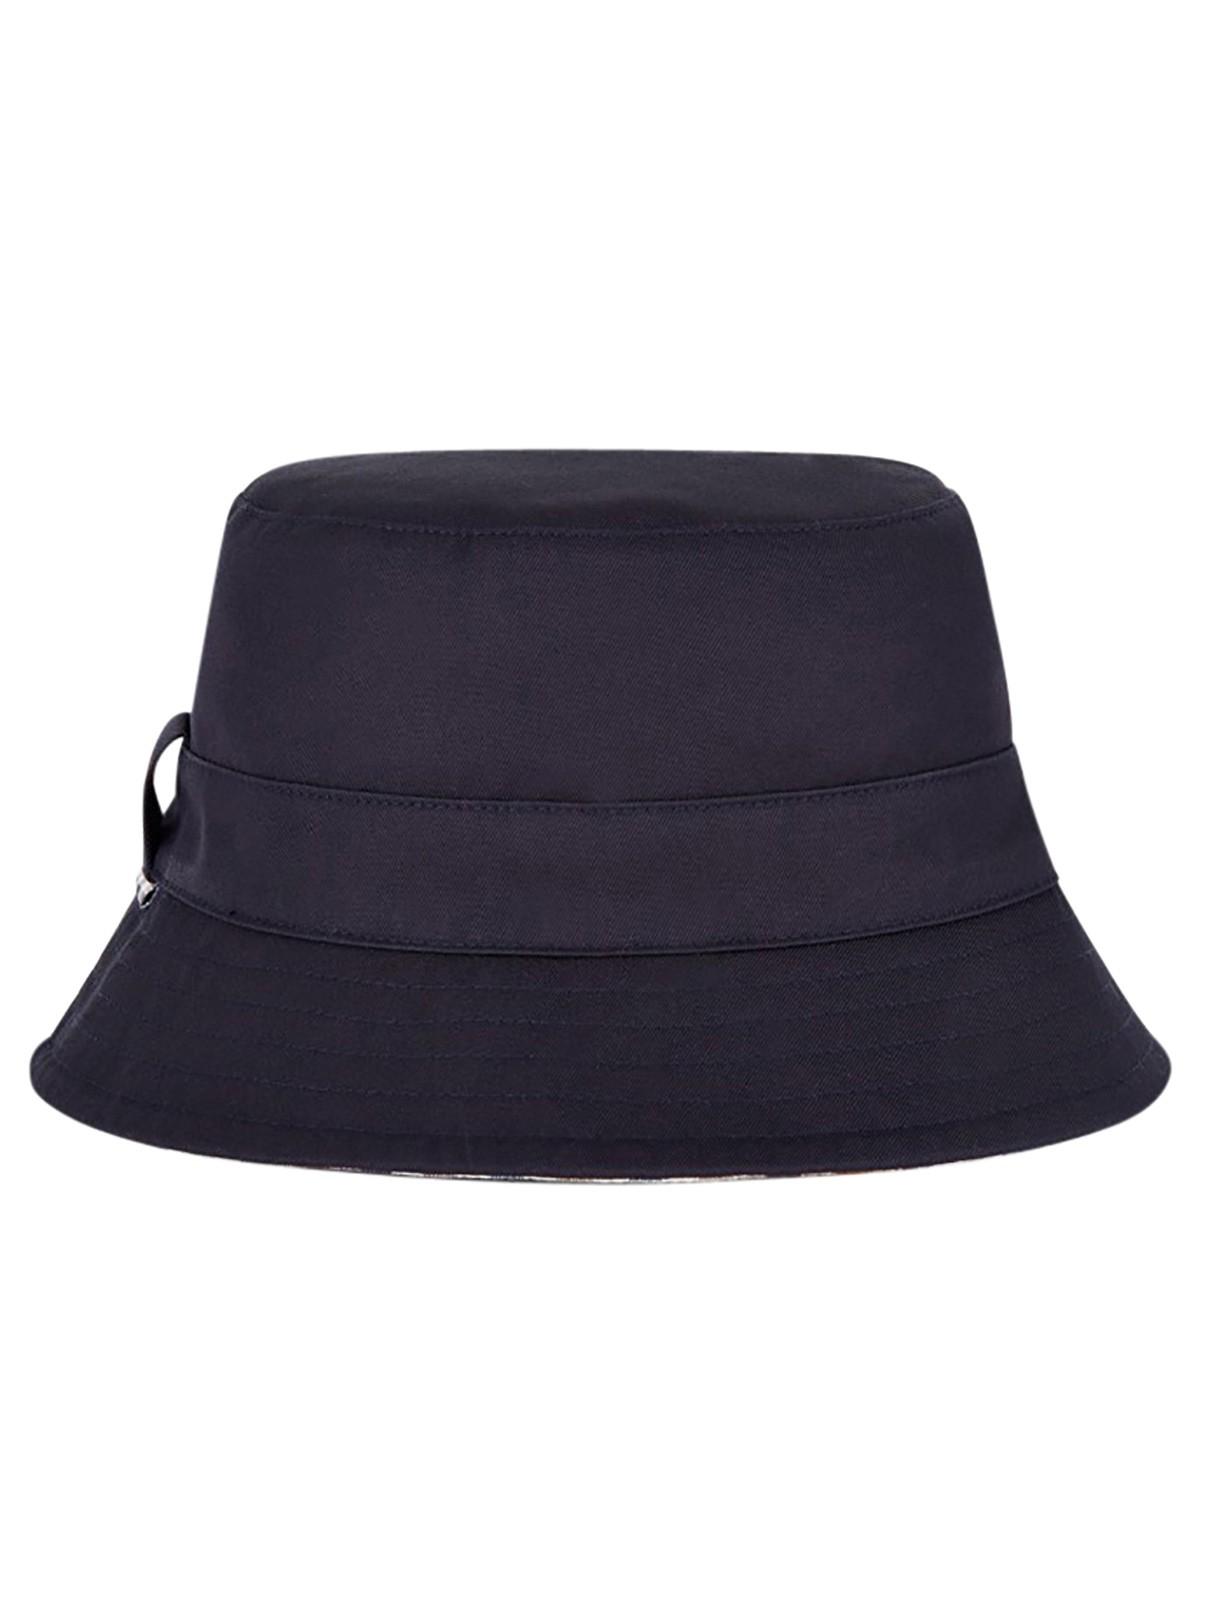 59adfc5fa2d Aquascutum Navy Reversible Bucket Hat